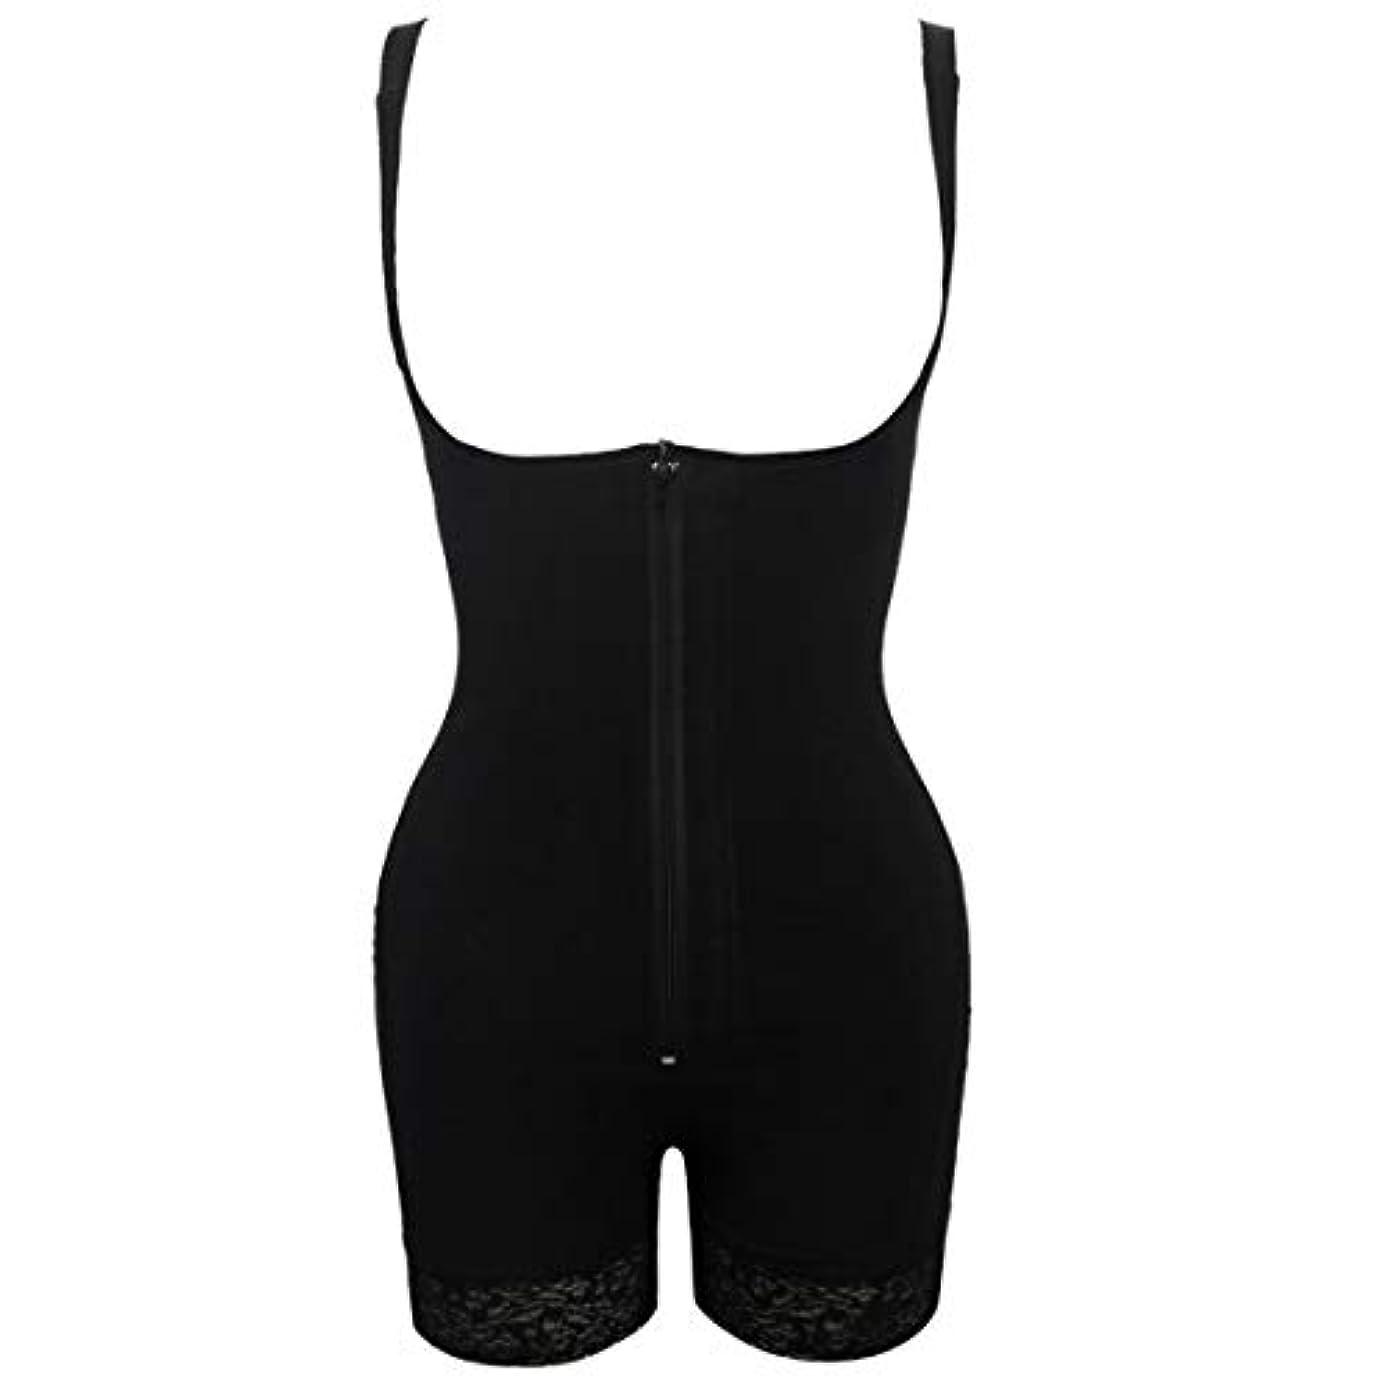 クーポンデータ飢えプラグサイズ女性スリムアンダーウェアボディスーツシェイプウェアレディーアンダーバストボディシェイパー ランジェリープラスサイズウエストトレーナー-ブラックS